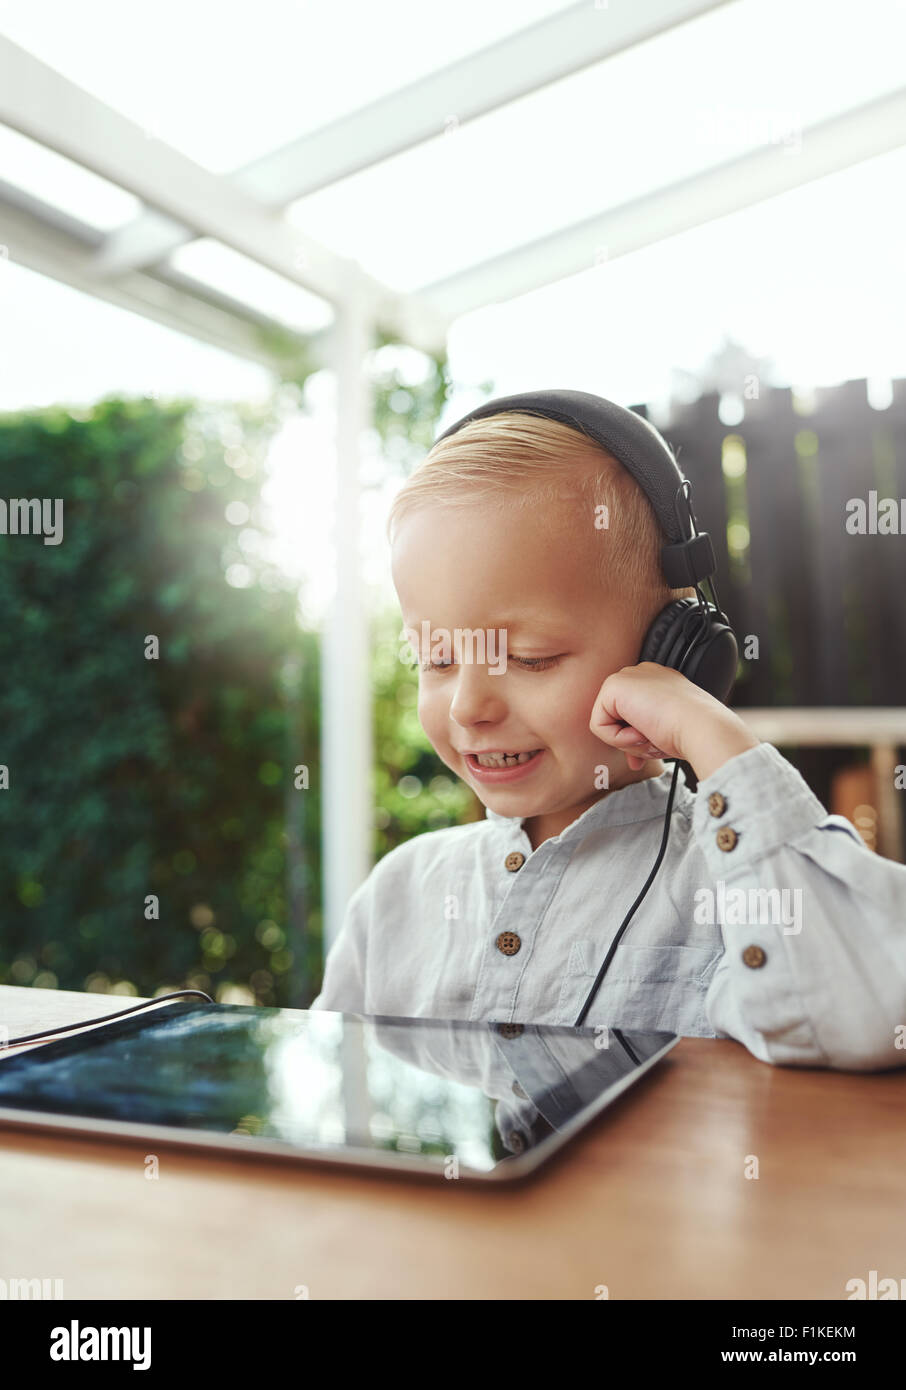 Niñito sonriente en delicias como él escucha música descargada en su Tablet-PC utilizando auriculares Imagen De Stock